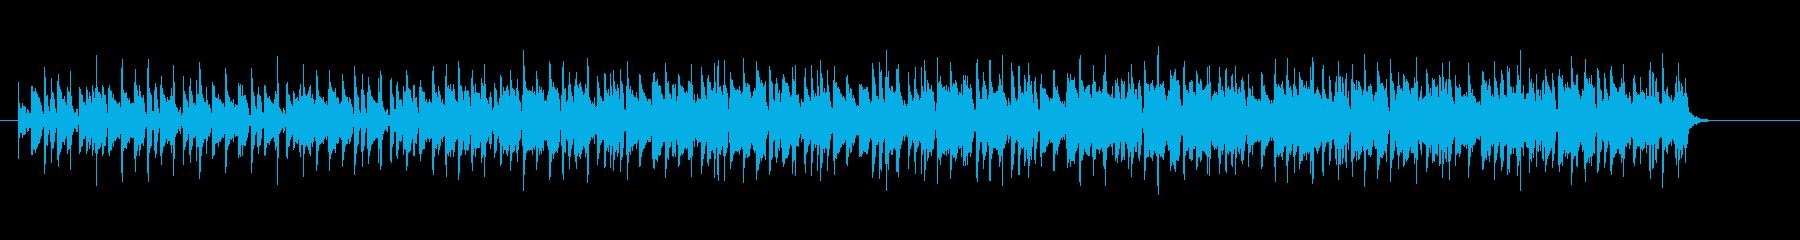 ヘヴィーなマイナー・ギター・フュージョンの再生済みの波形